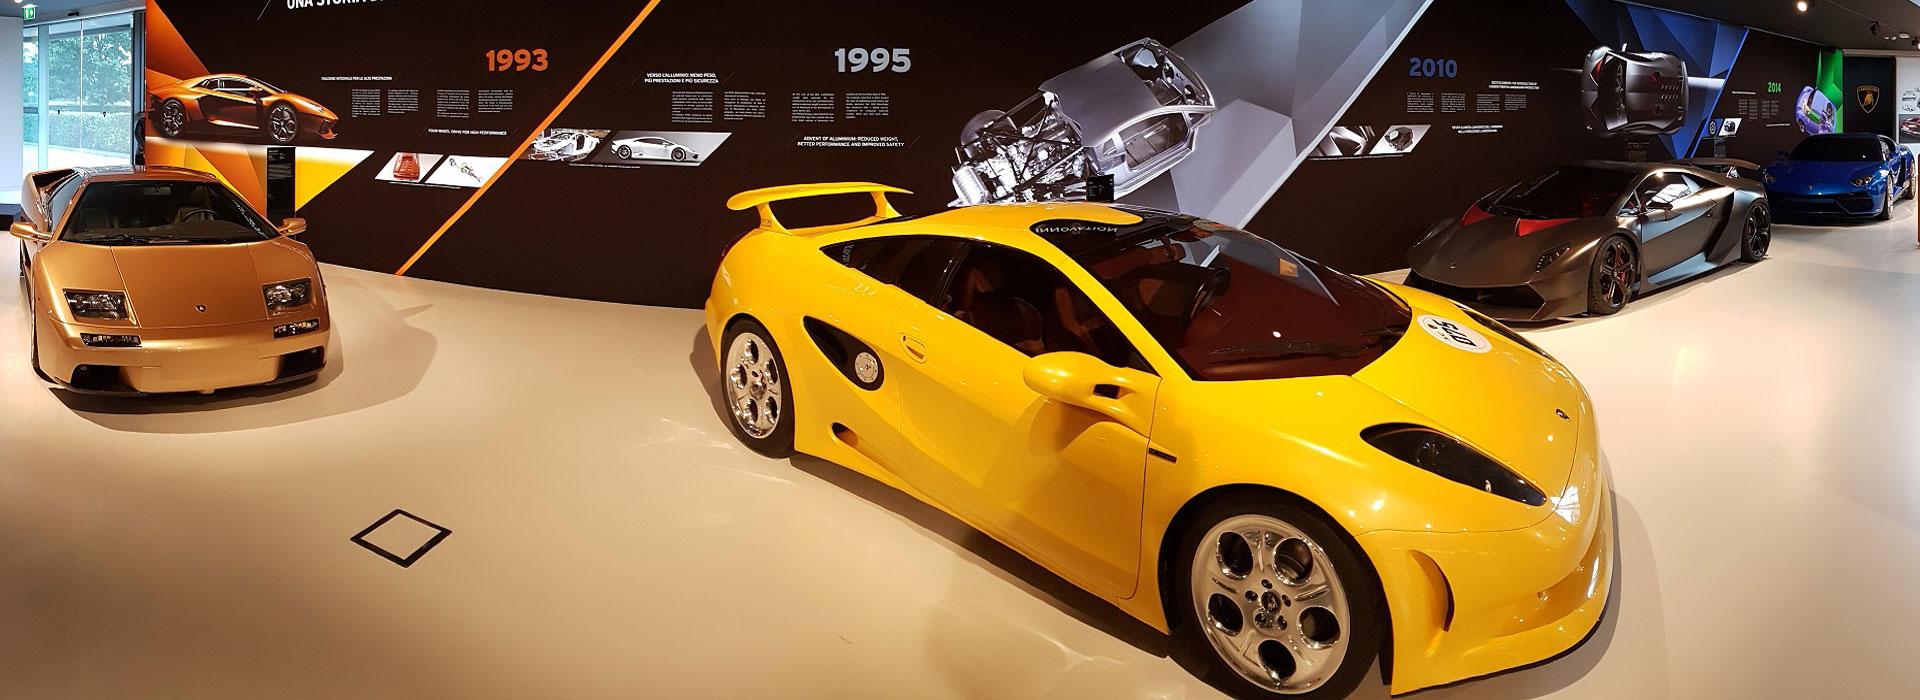 Lamborghini Pagani Ferrari Factory Tour Italy Motorstarstour Com